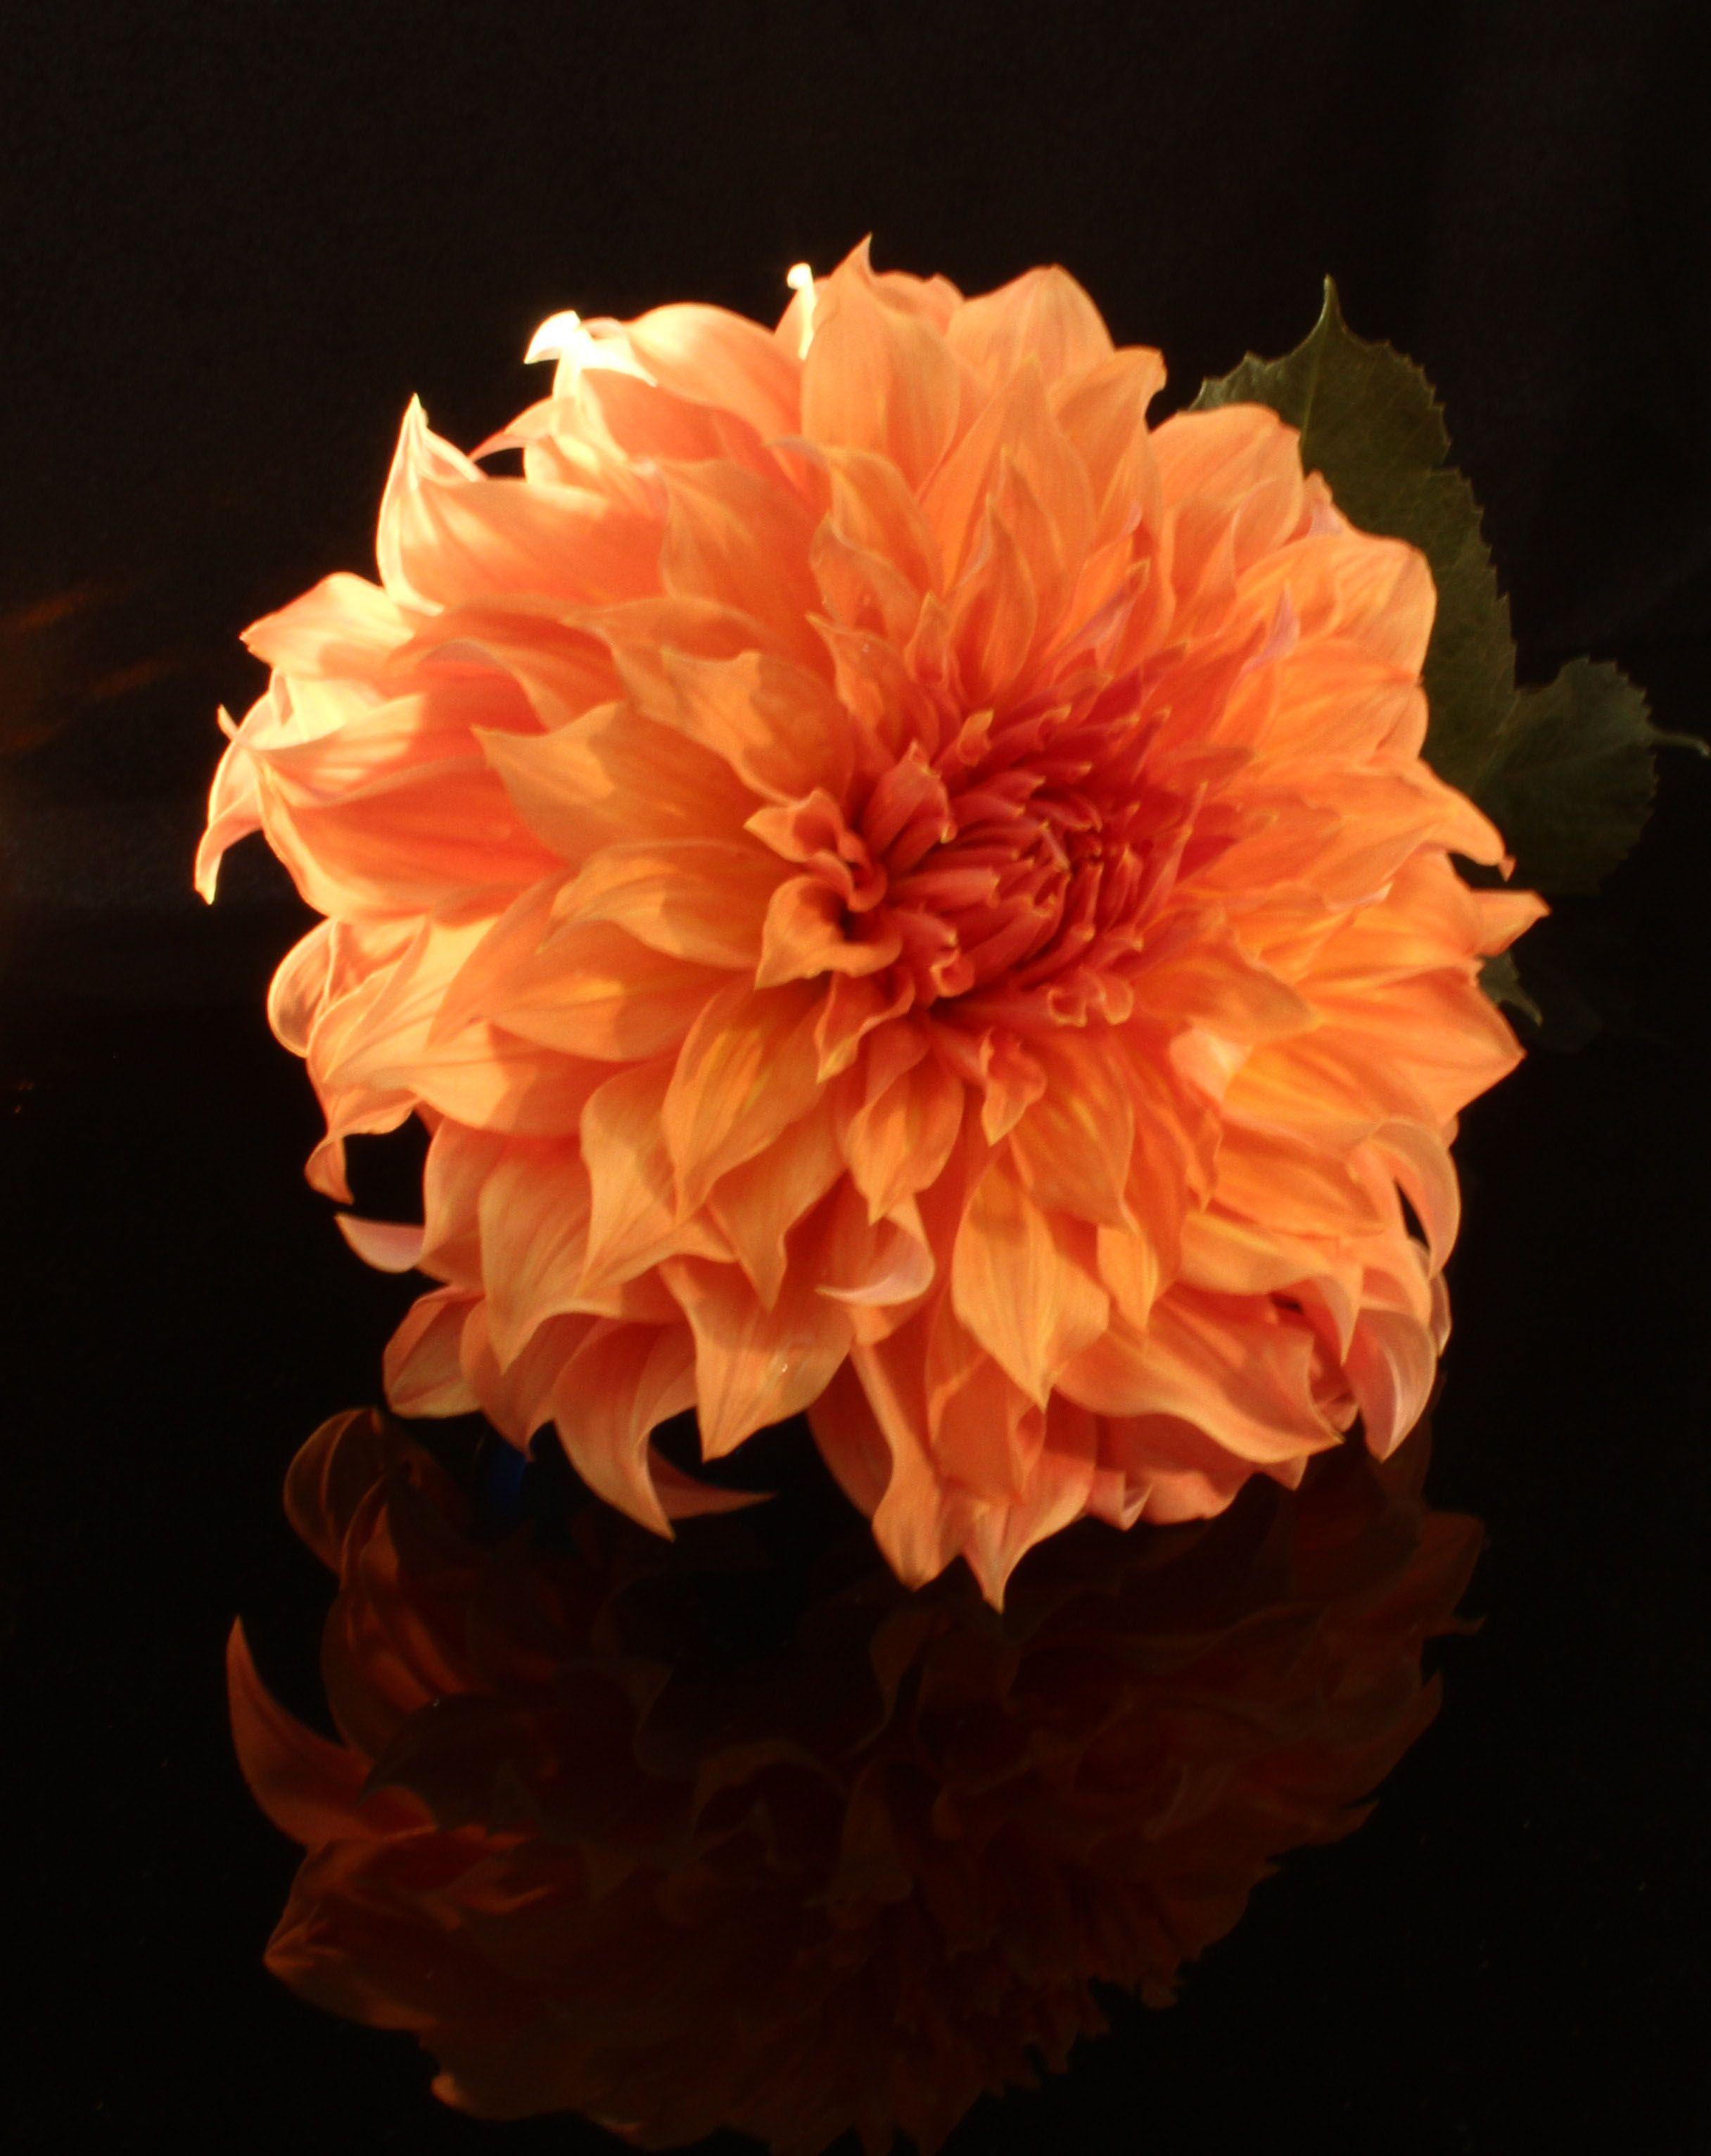 Orange Dahlia From My Garden Dahlias Pinterest Dahlia And Gardens